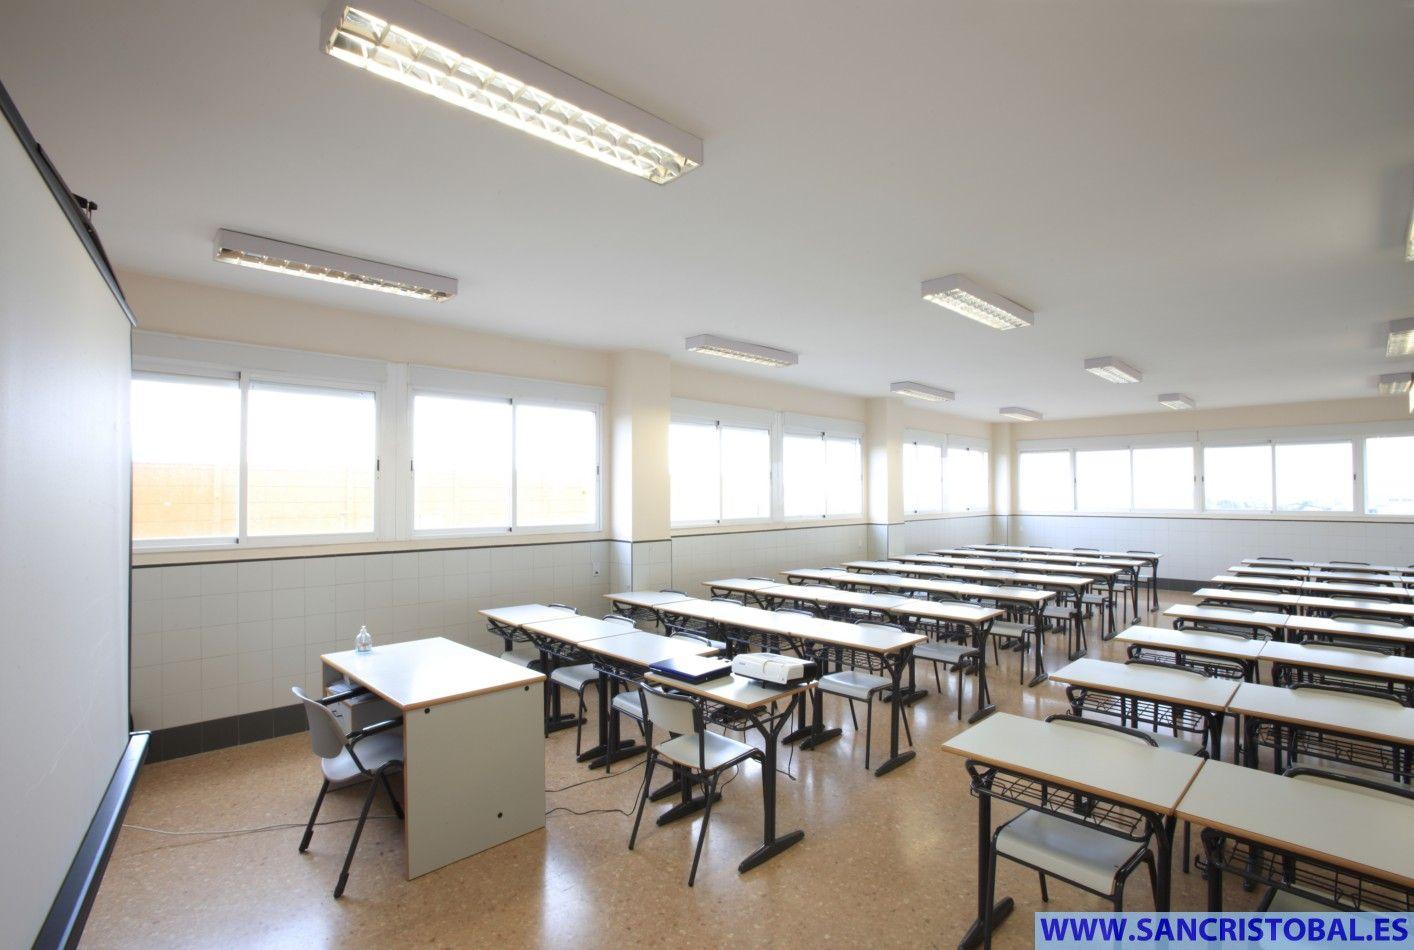 Aula De Ciclos Formativos Y Bachiller Colegio San Crist Bal  # Muebles Cic Camino Melipilla